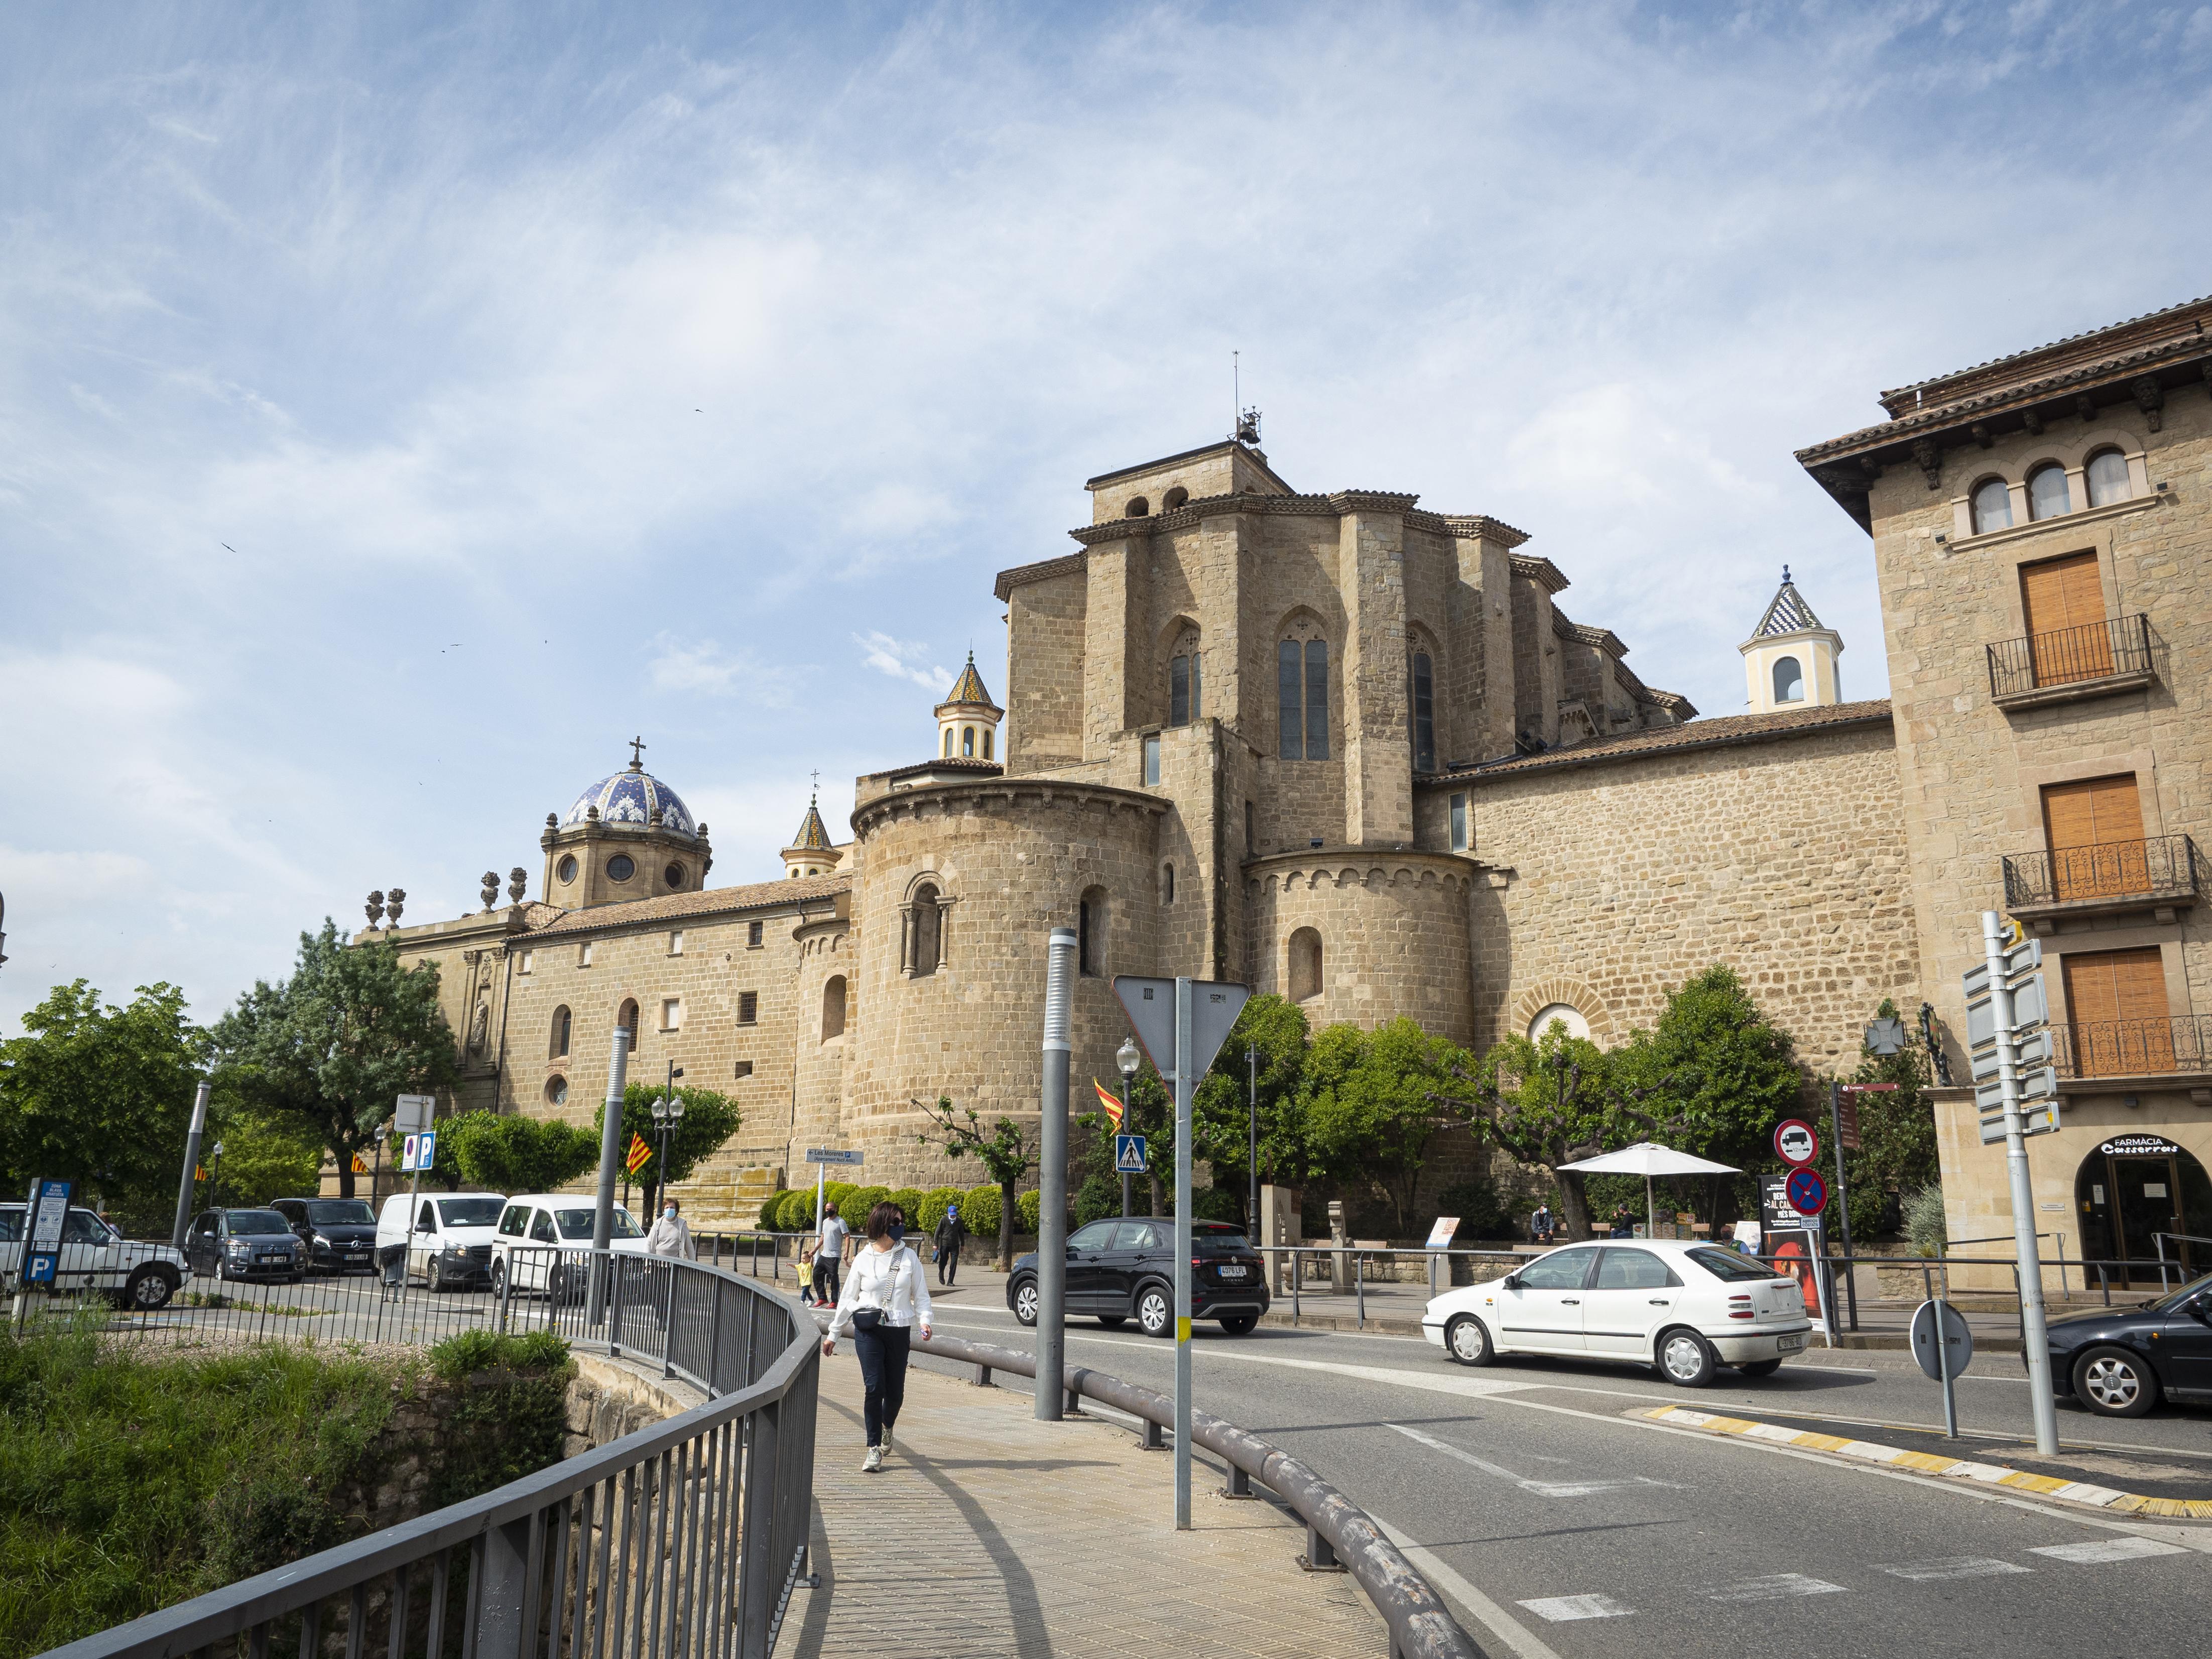 La imponent Catedral de Solsona vista des del pont. FOTO: Anna E. Puig